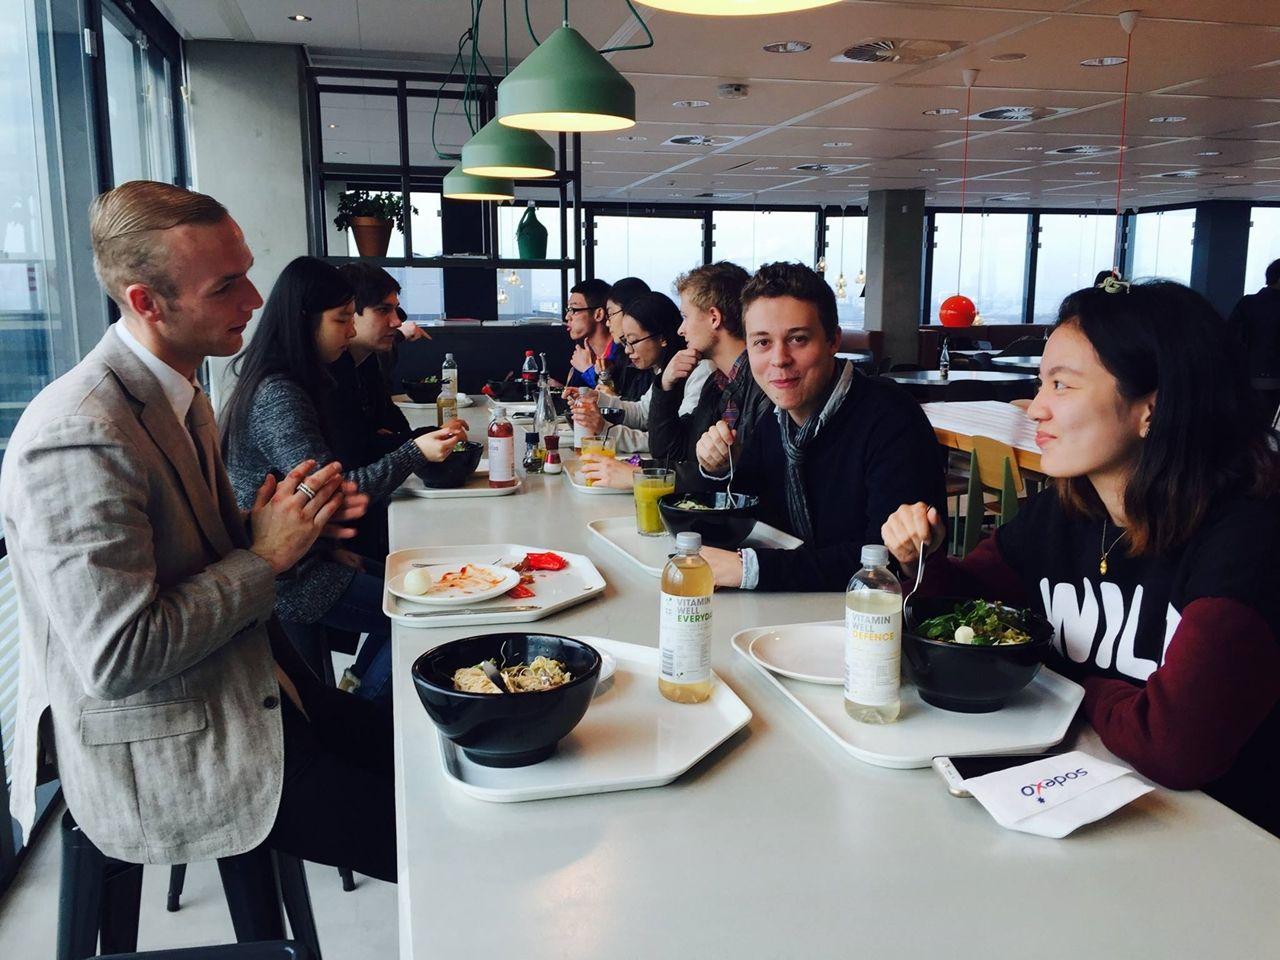 Mở rộng mạng lưới bạn bè quốc tế khi học tập tại Đại học KHUD Wittenborg